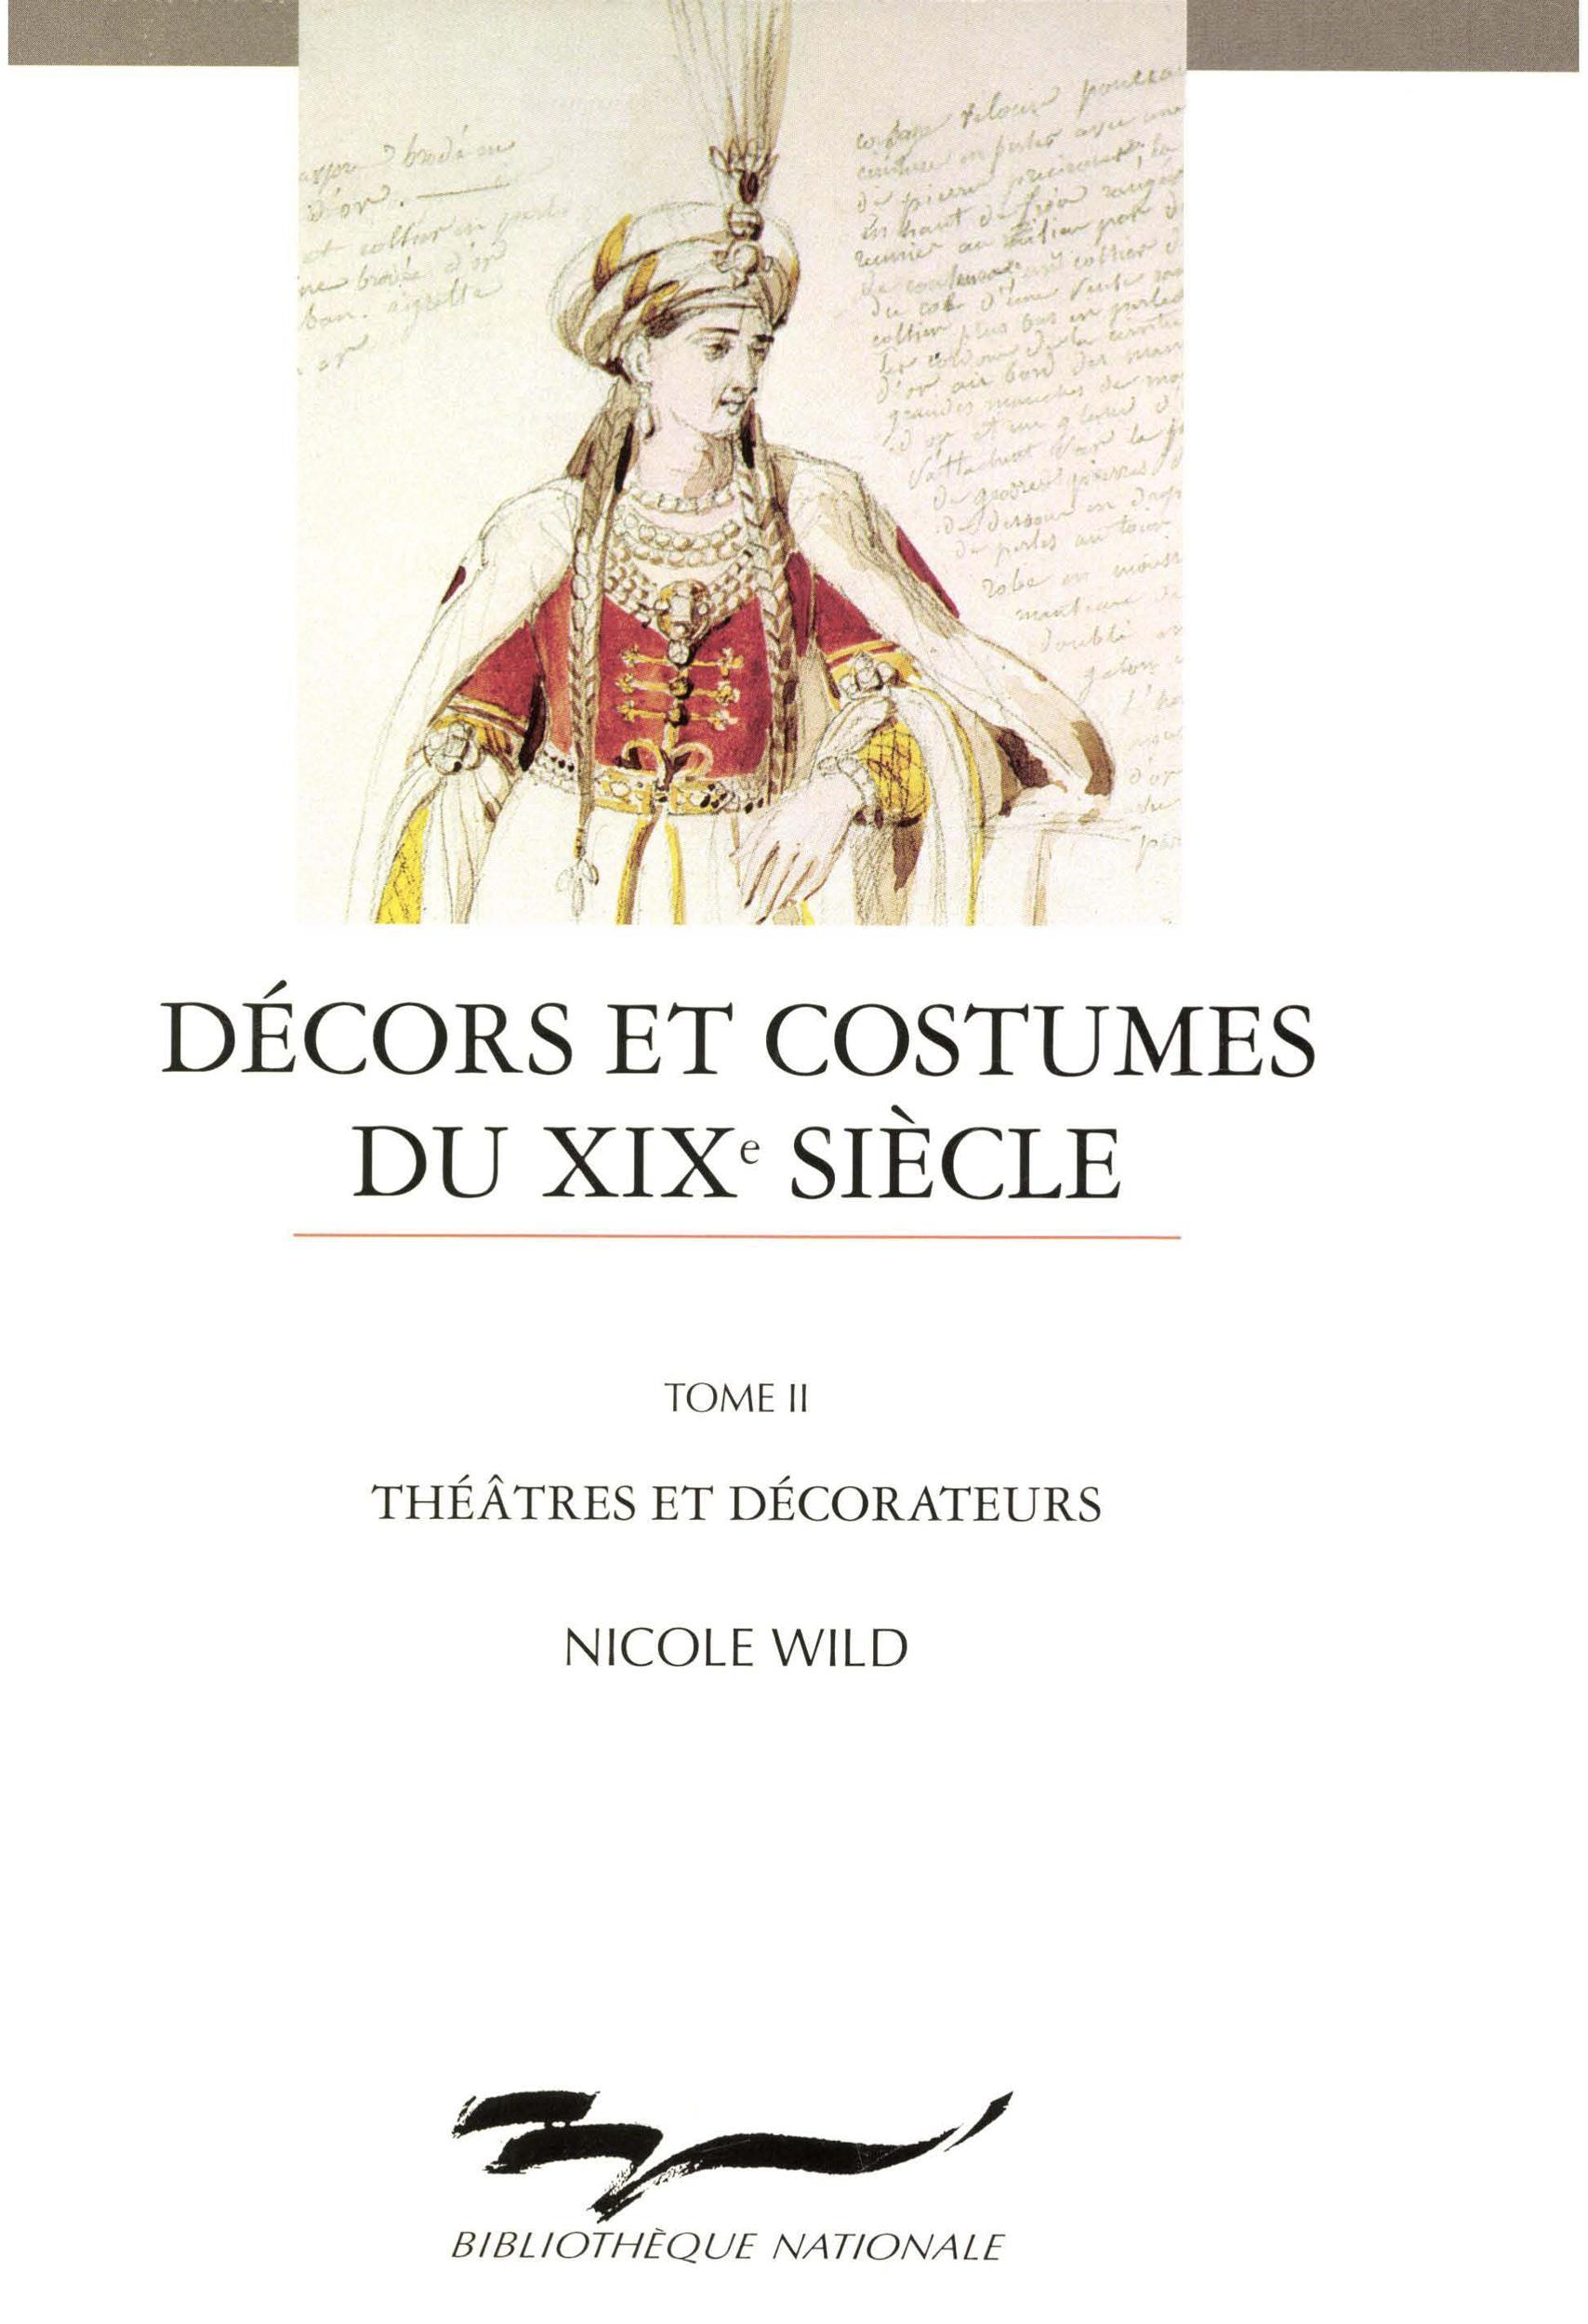 Décors et costumes du XIXe siècle. TomeII, THÉÂTRE ET DÉCORATEURS